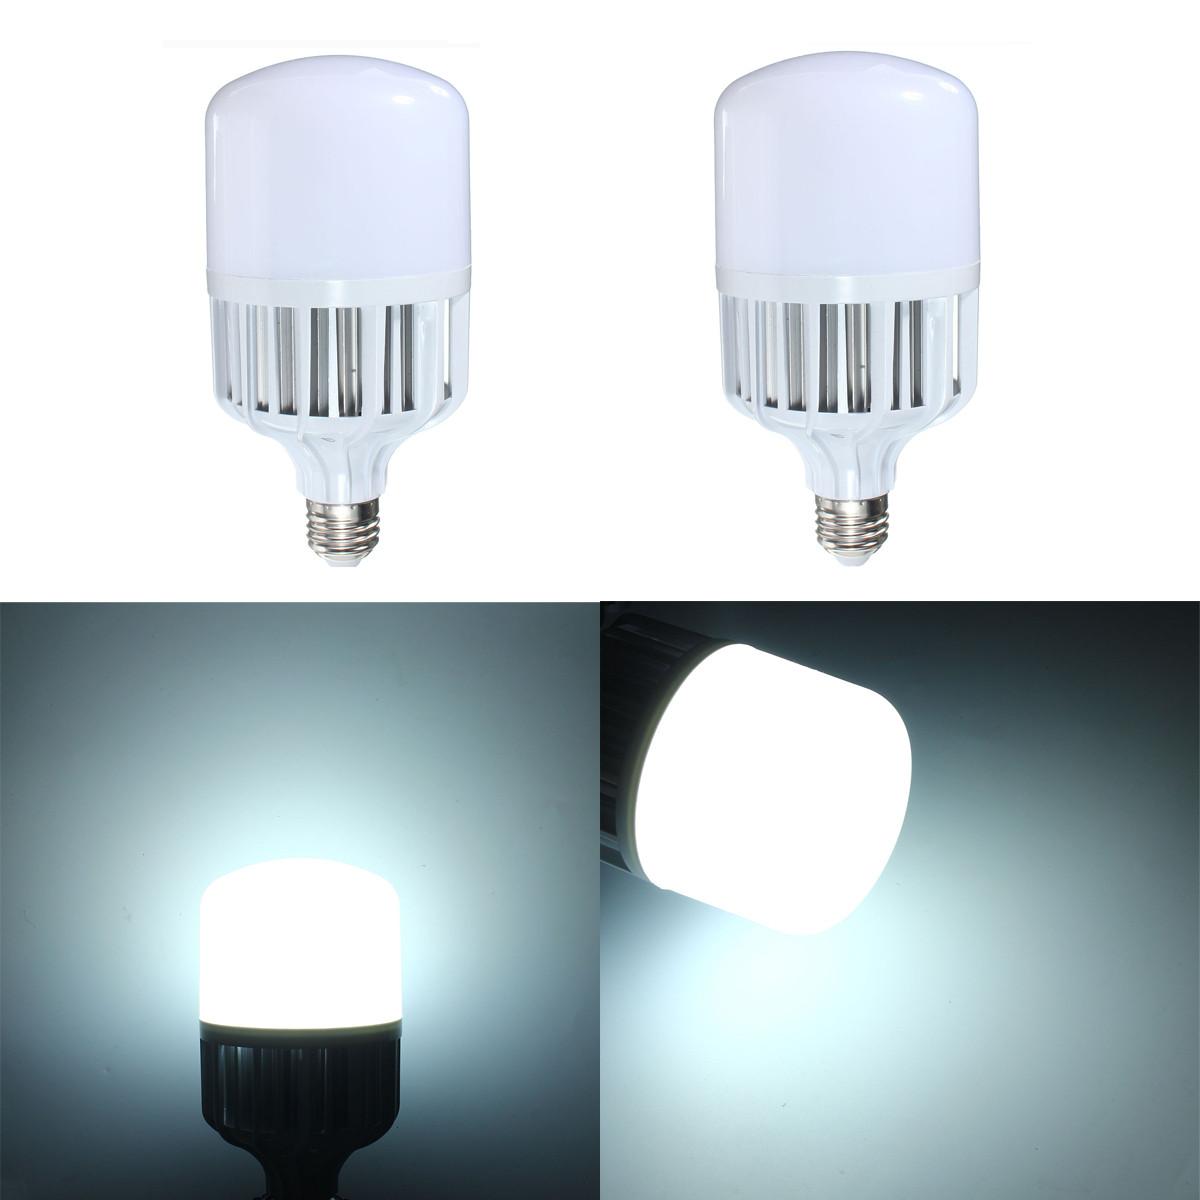 E27 b22 7W 36 СМД 5730 LED чистый белый огромный яркость лампочки для дома AC220V - ➊TopShop ➠ Товары из Китая с бесплатной доставкой в Украину! в Днепре